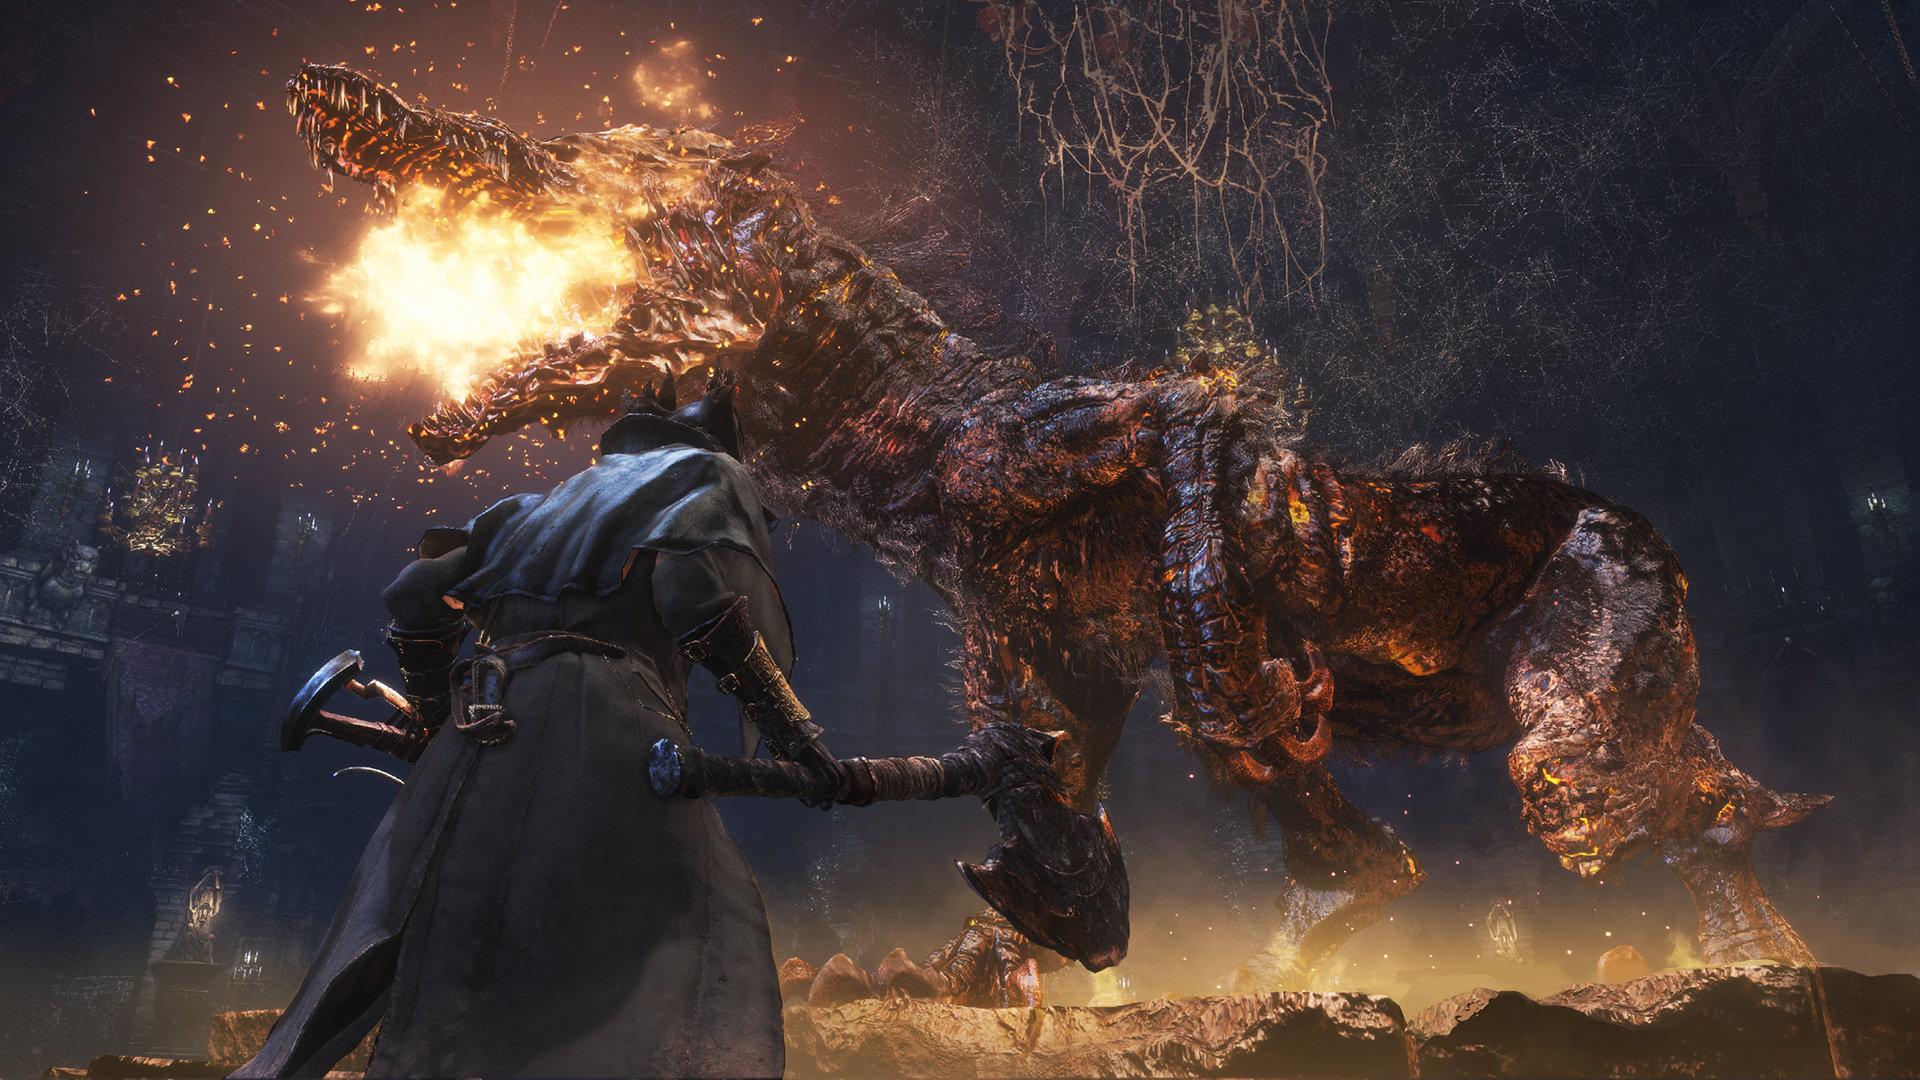 bloodborne-chalice-dungeon-guard-dog-scr